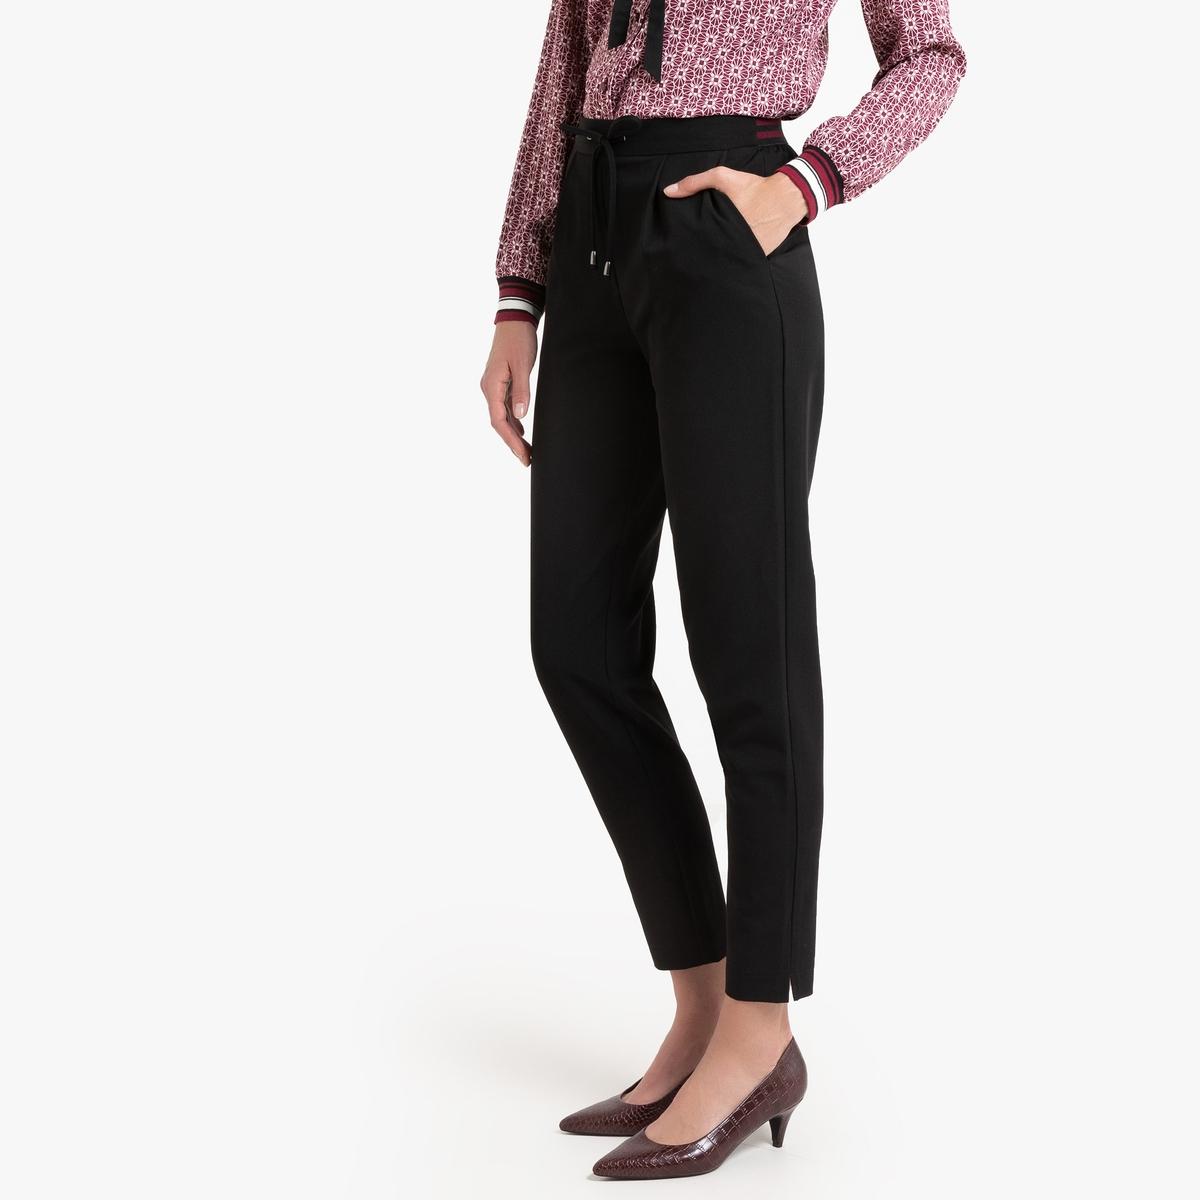 Брюки La Redoute Узкие веретенообразная форма 48 (FR) - 54 (RUS) черный брюки la redoute узкие дудочки с жаккардовым рисунком 50 fr 56 rus черный